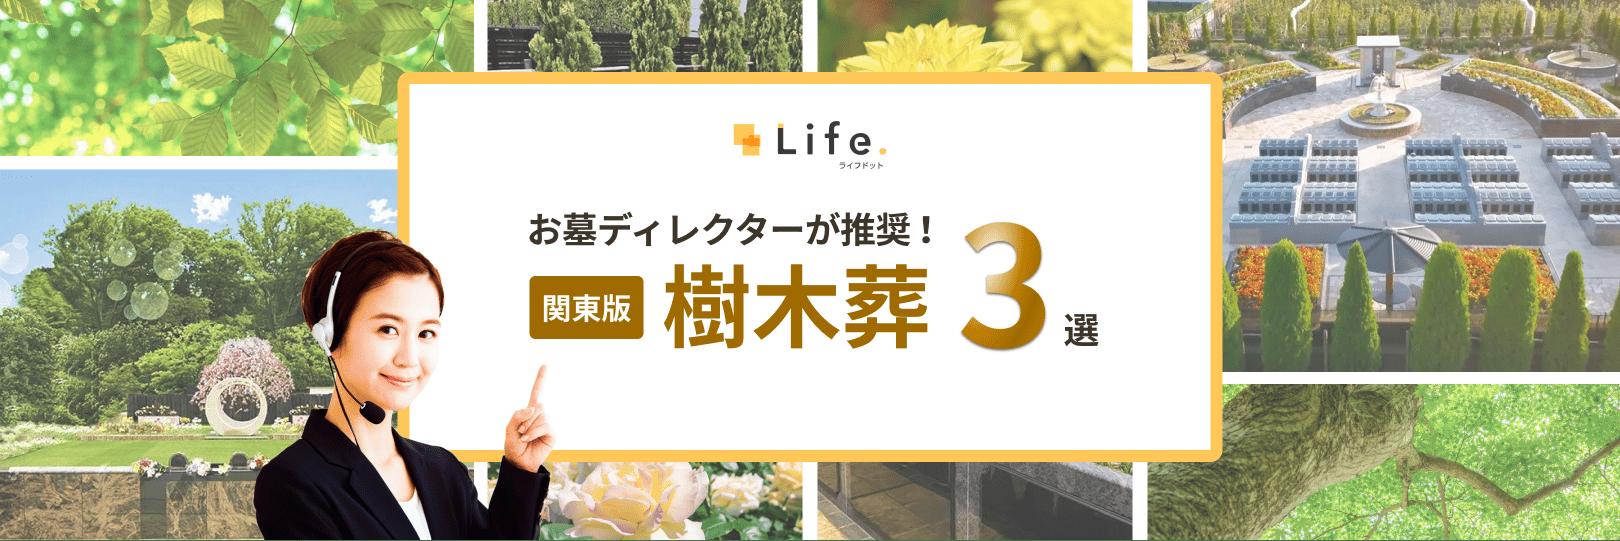 お墓ディレクター推奨!関東版樹木葬3選